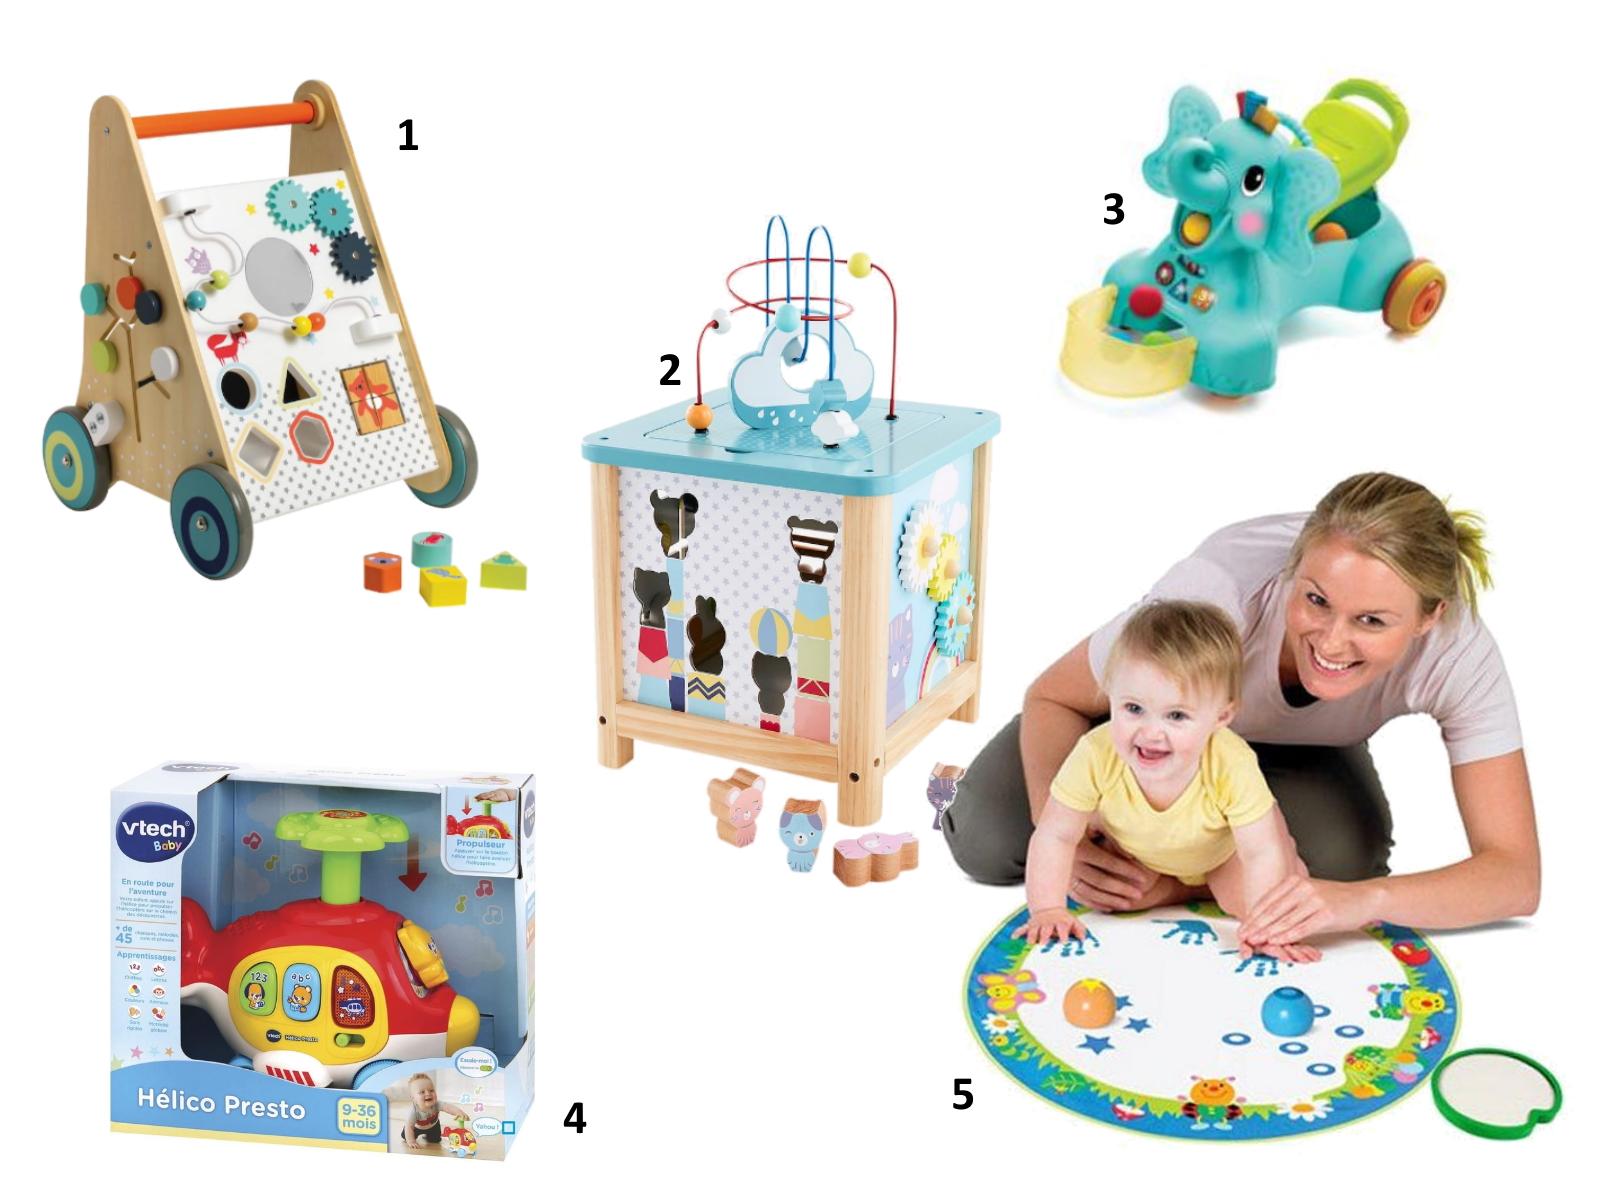 idées cadeaux sélection enfant bébé noel 6 à 12 mois jouets éveil petit prix vertbaudet